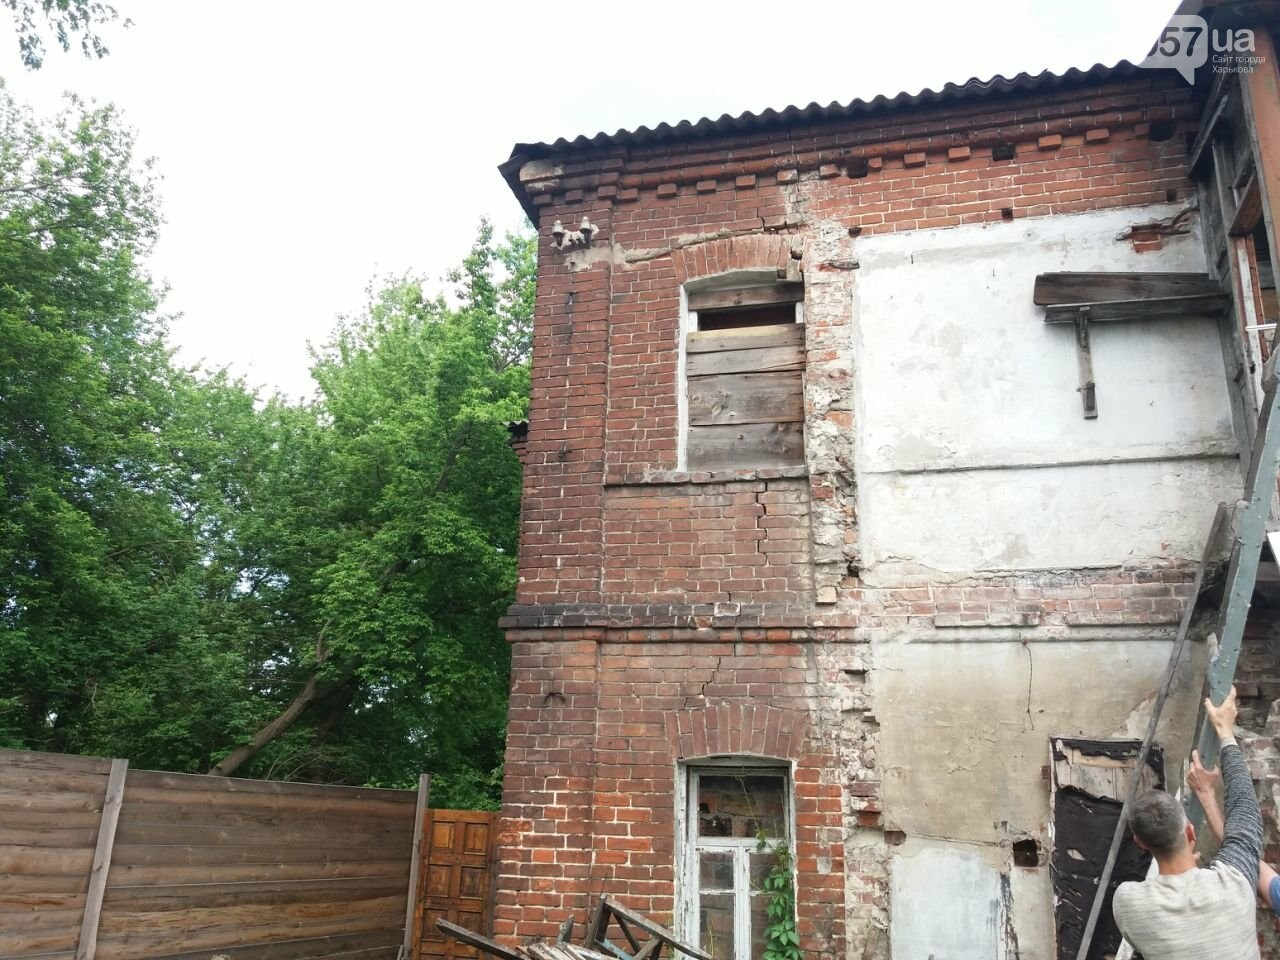 10 лет без ремонта: почему в Харькове не спешат восстанавливать аварийный дом, - ФОТО, фото-31